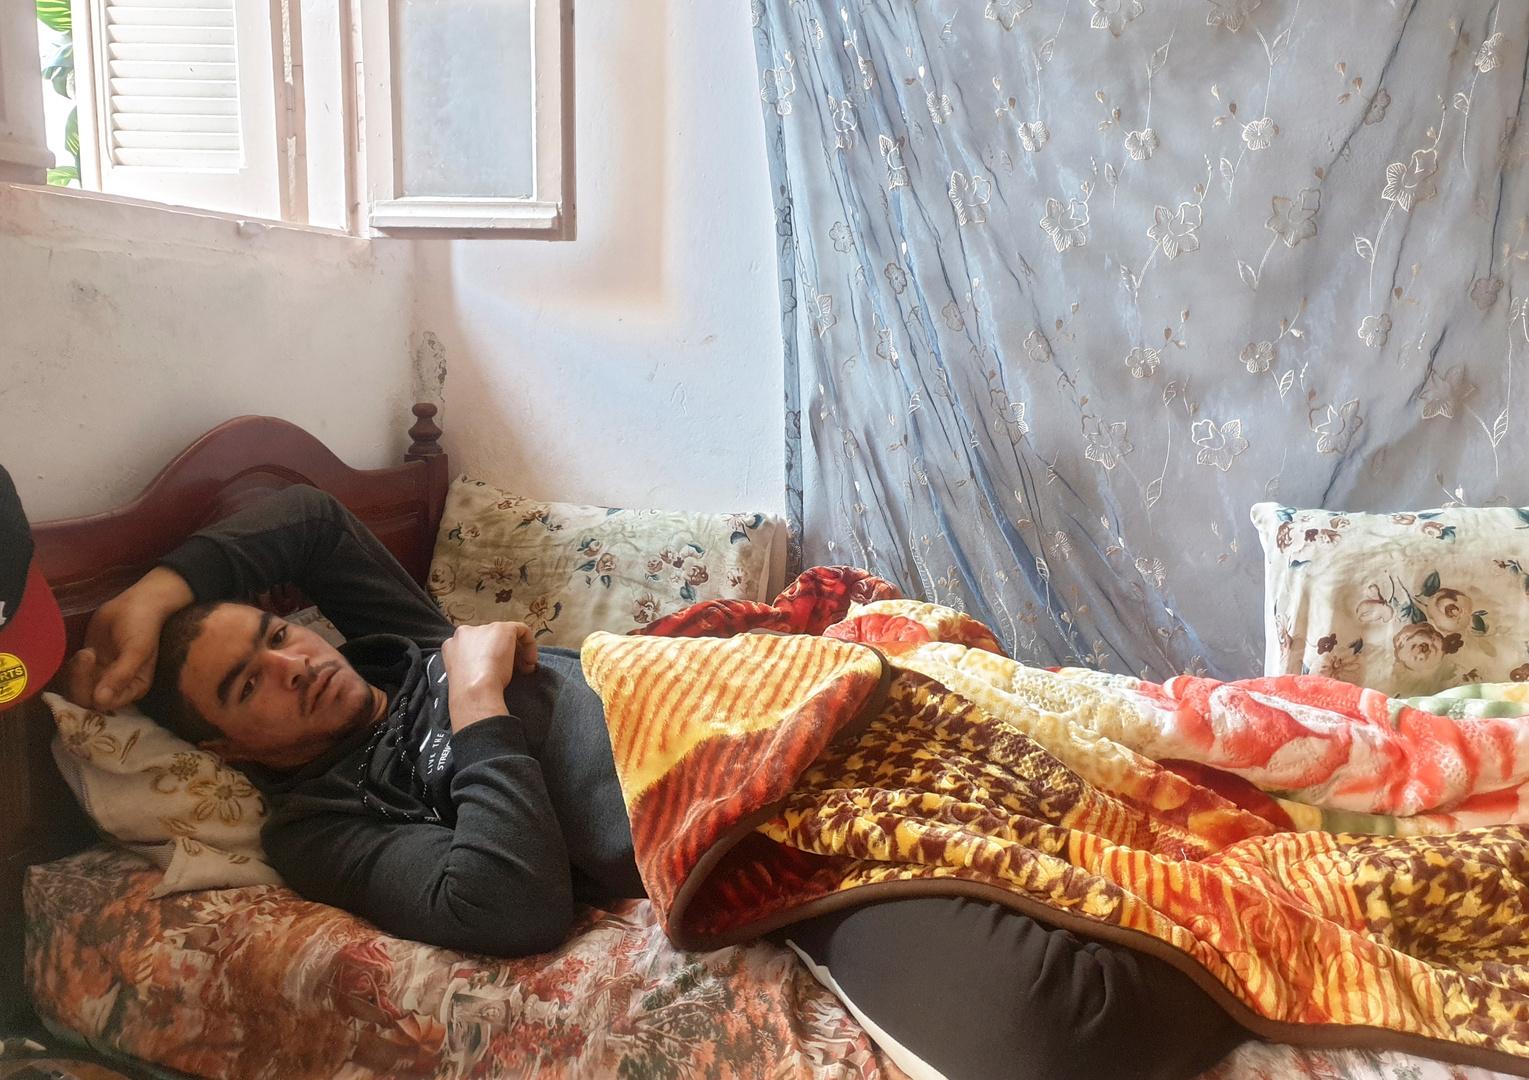 الشاب التونسي أحمد ضحية التعذيب المفترض من طرف الشرطة.